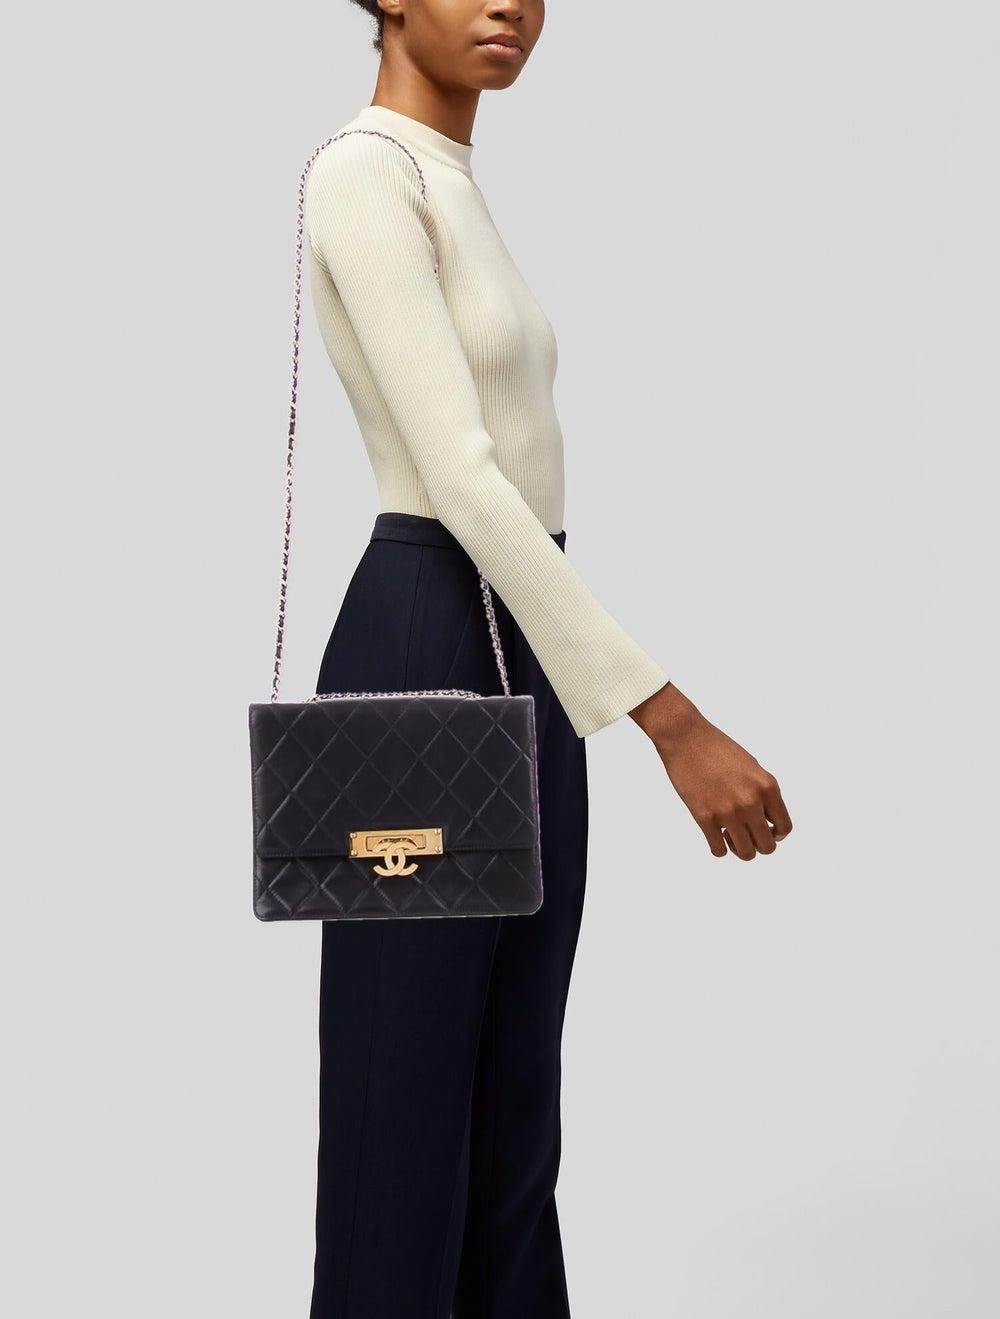 Chanel Golden Class Medium Flap Bag Blue - image 2